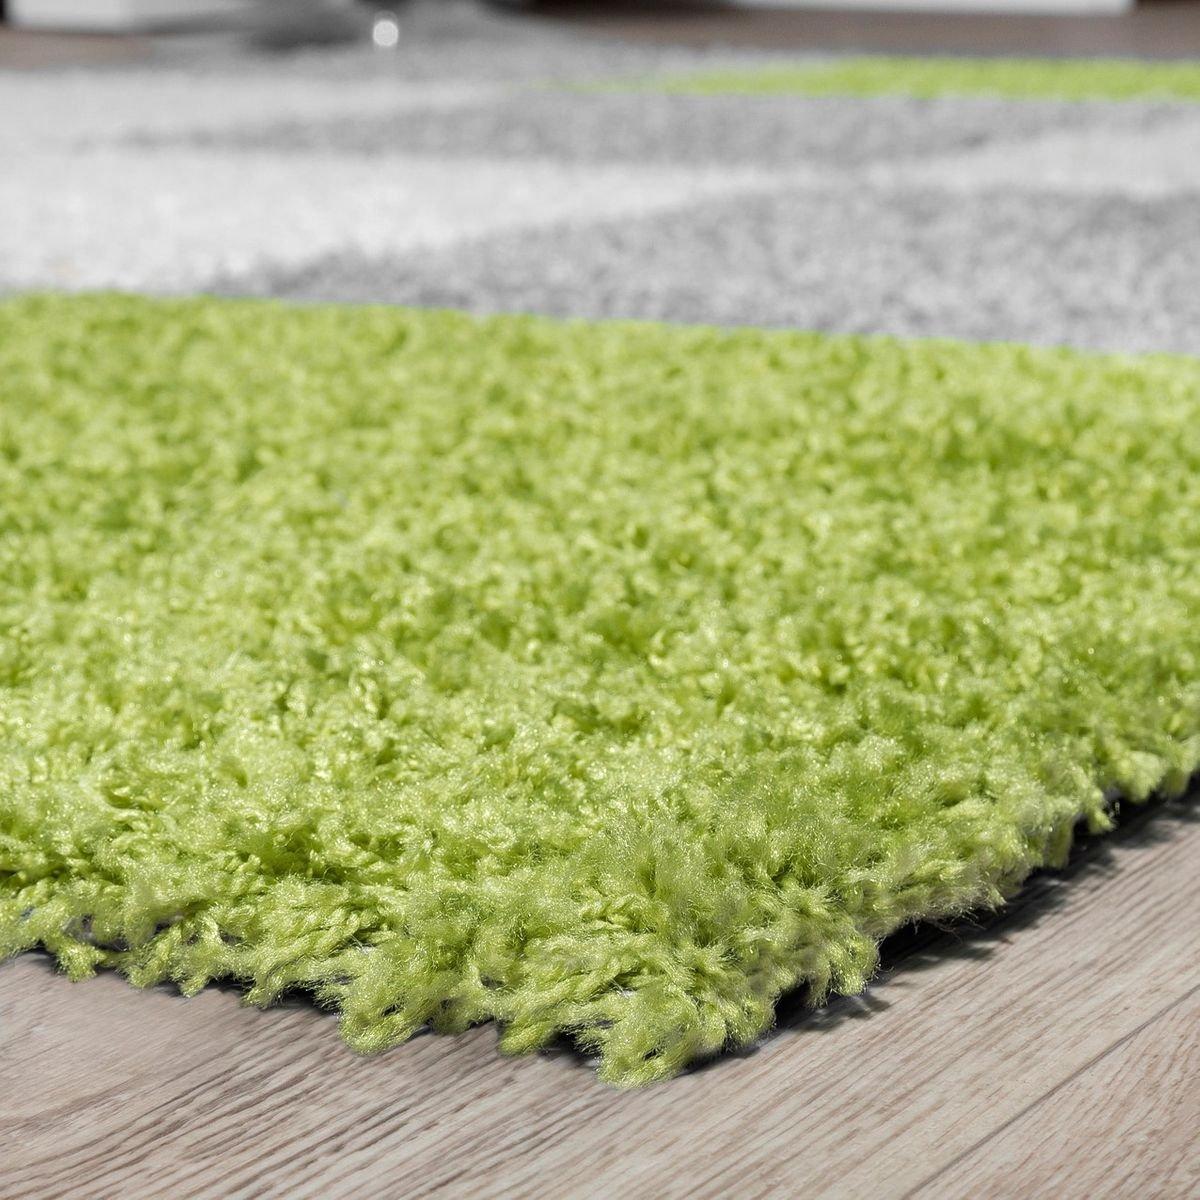 T&T Design Moderner Hochflor Hochflor Hochflor Teppich Karo Muster Shaggy Zottel Teppiche Grau Weiß Grün, Größe 200x280 cm B076FCT77H Teppiche 0a3f75